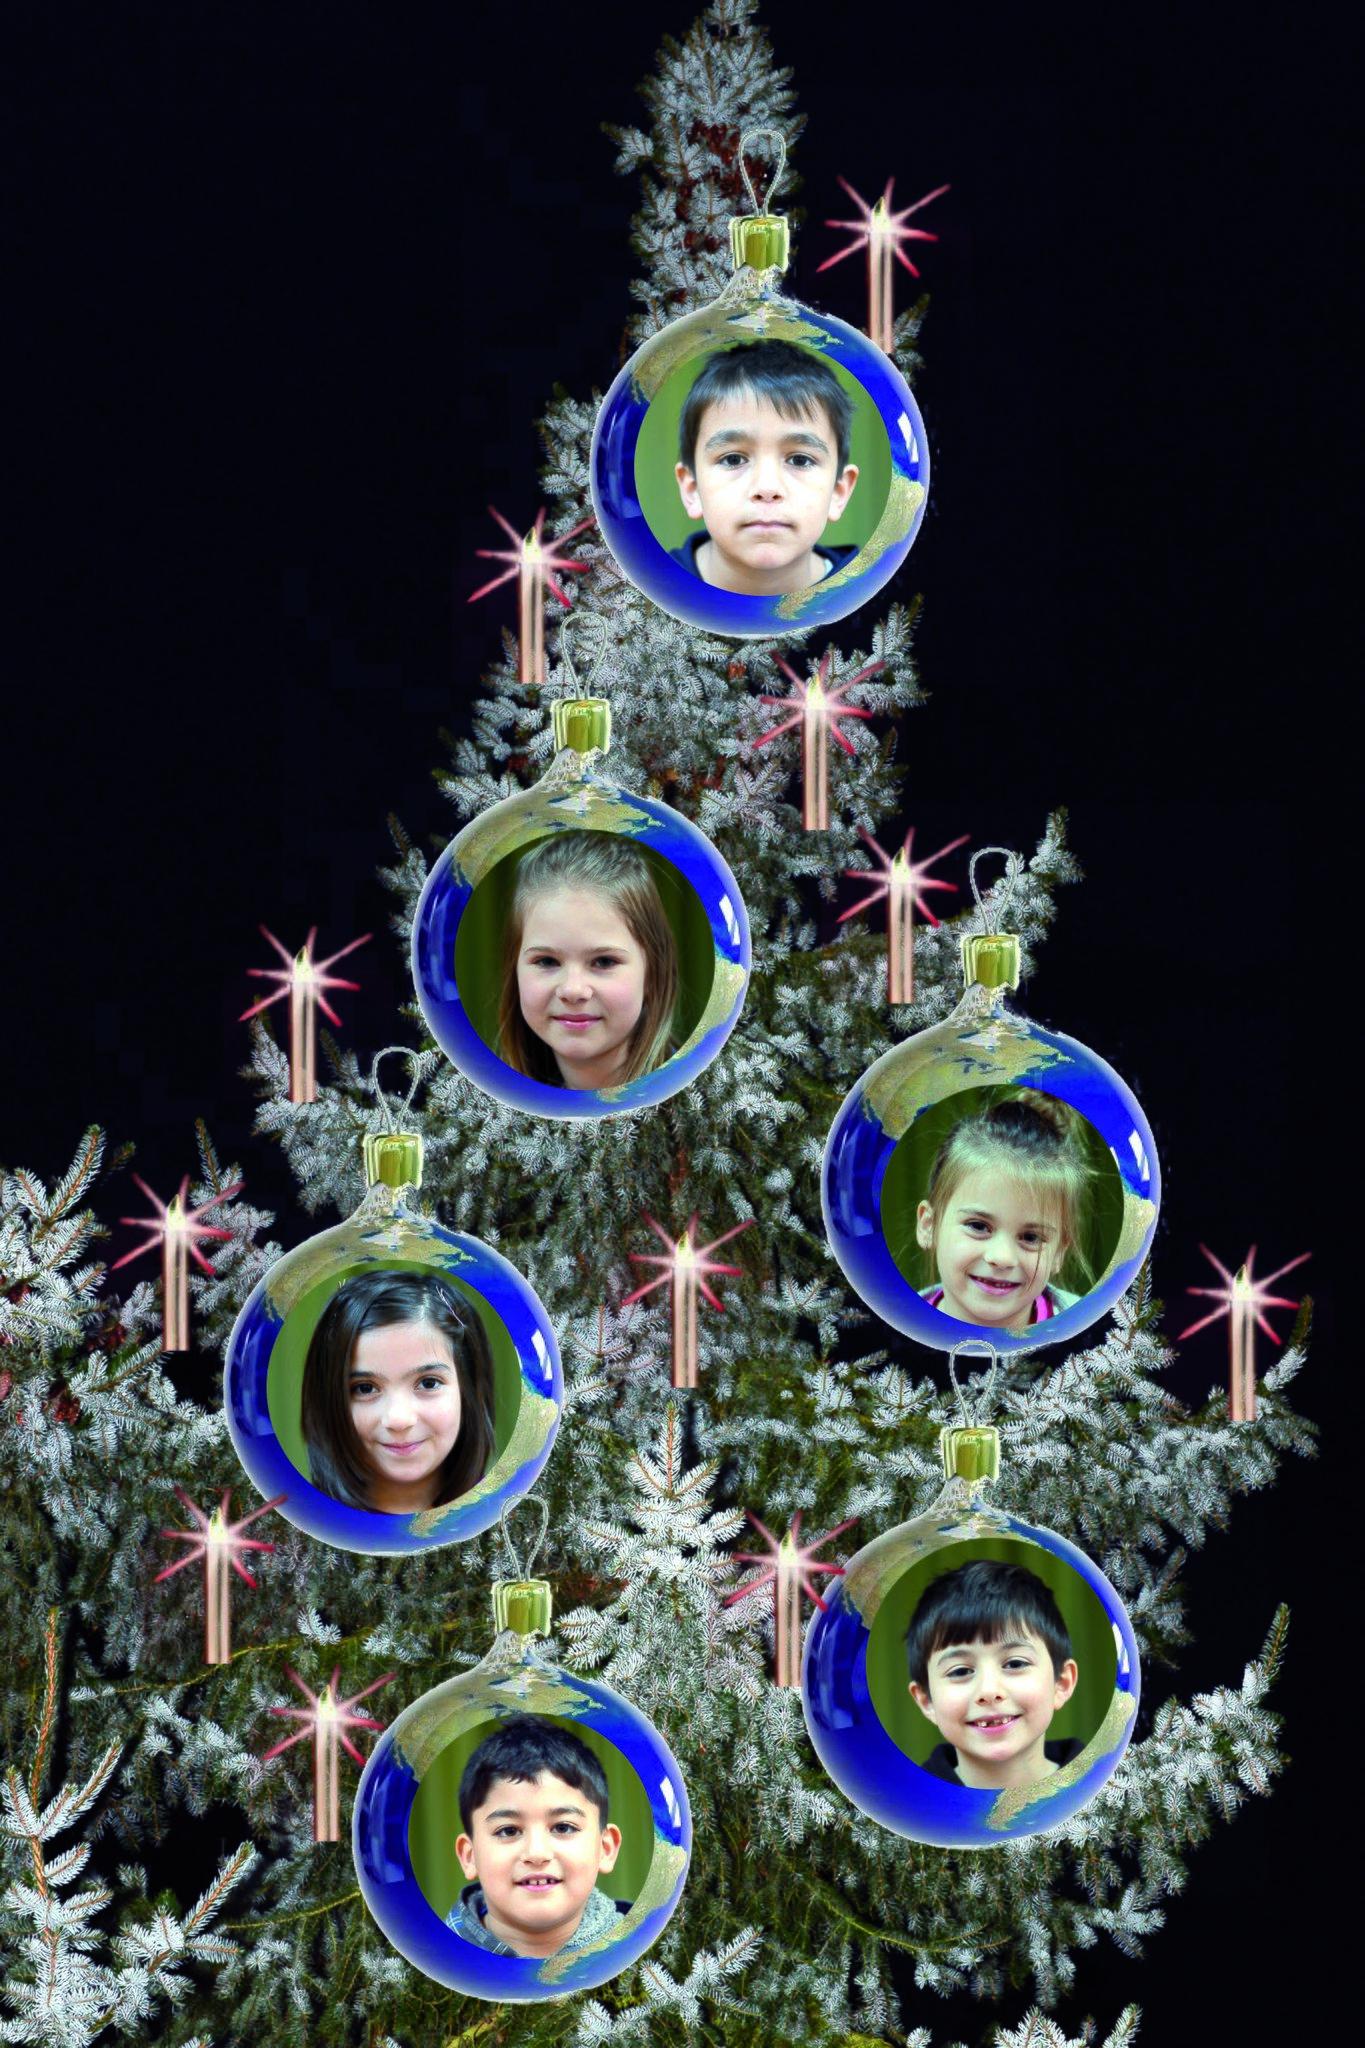 Weihnachtsgrüße Schicken.Kinder Schicken Weihnachtsgrüße Ins Kleverland Kleve